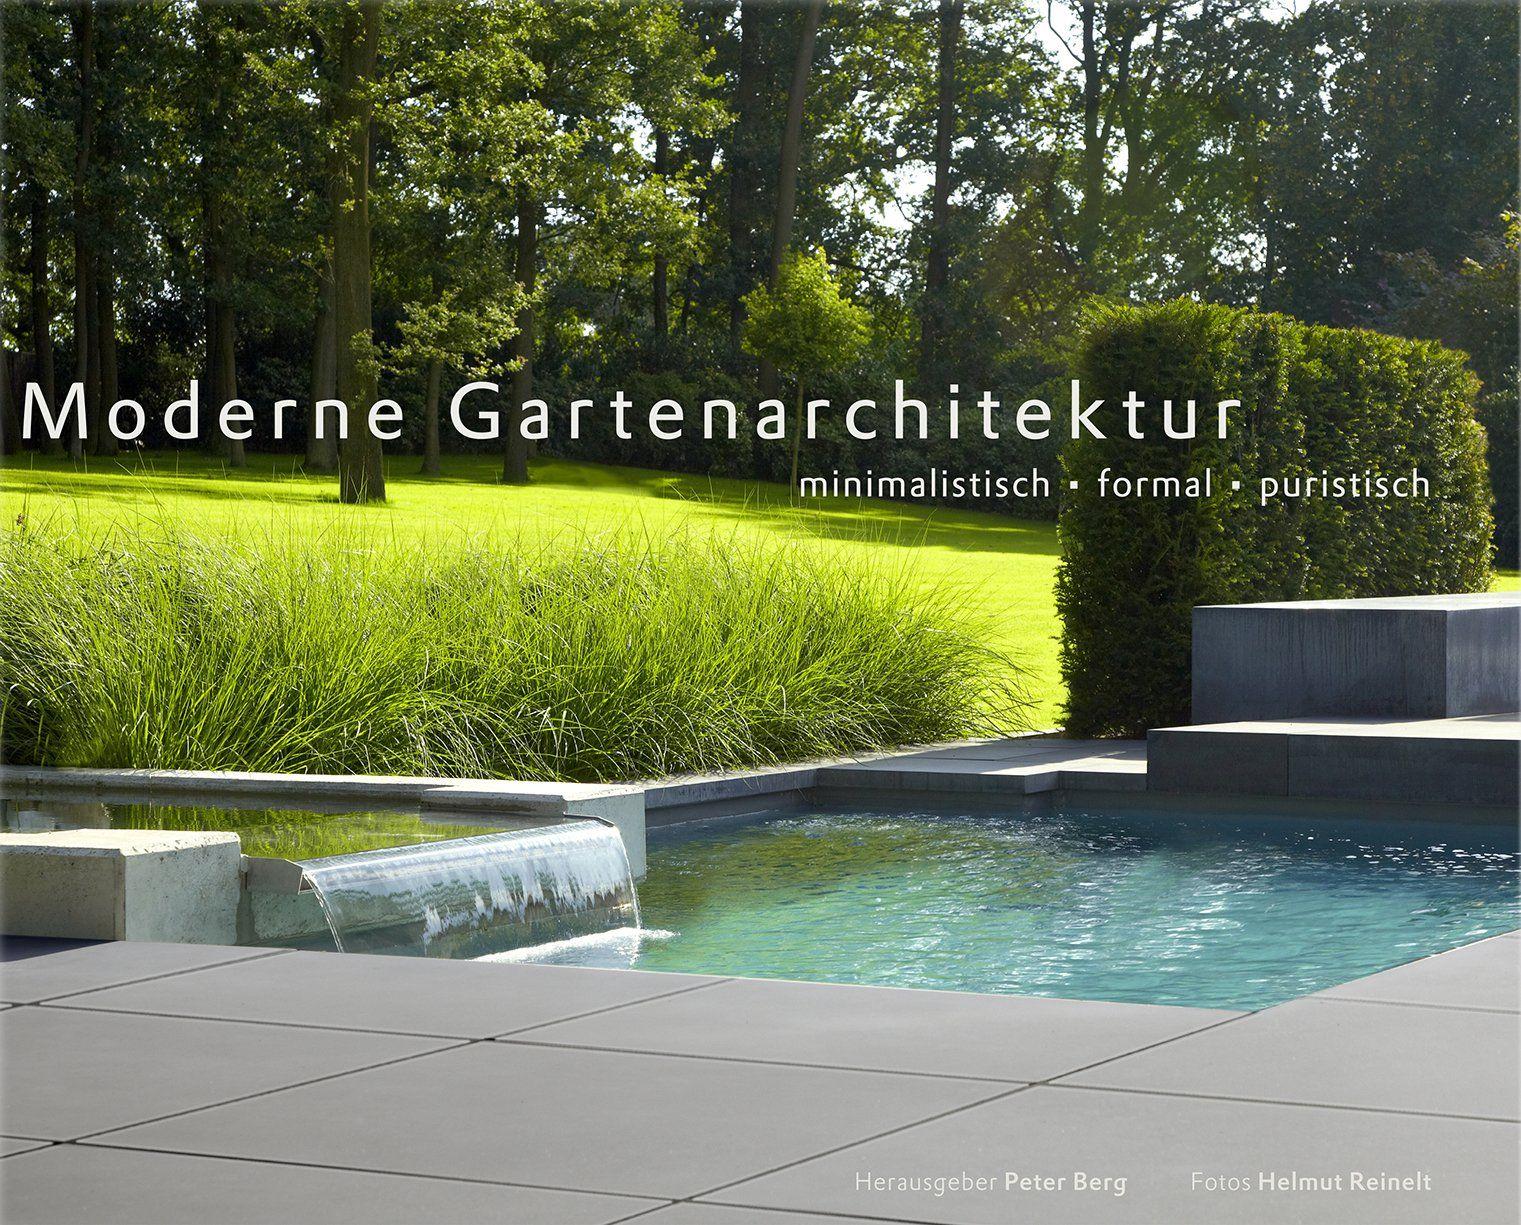 moderne gartenarchitektur - minimalistisch, formal, puristisch, Garten Ideen